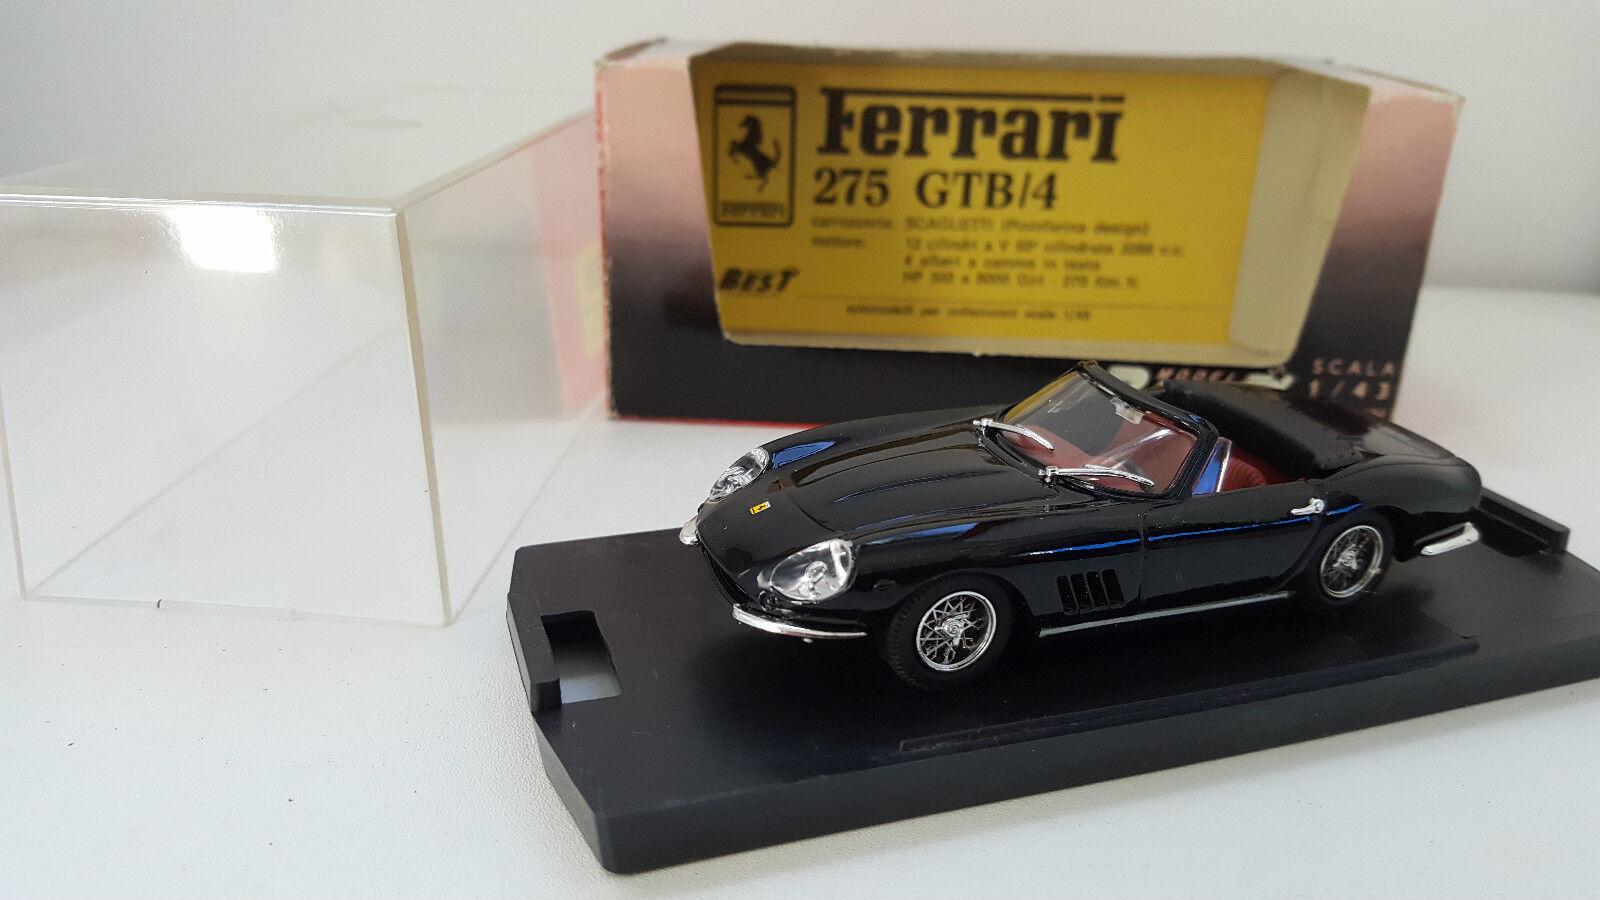 Best Model - 9005 - Ferrari 275 GTB 4 Scaglietti Spyder Ruote a raggi noire 1 43